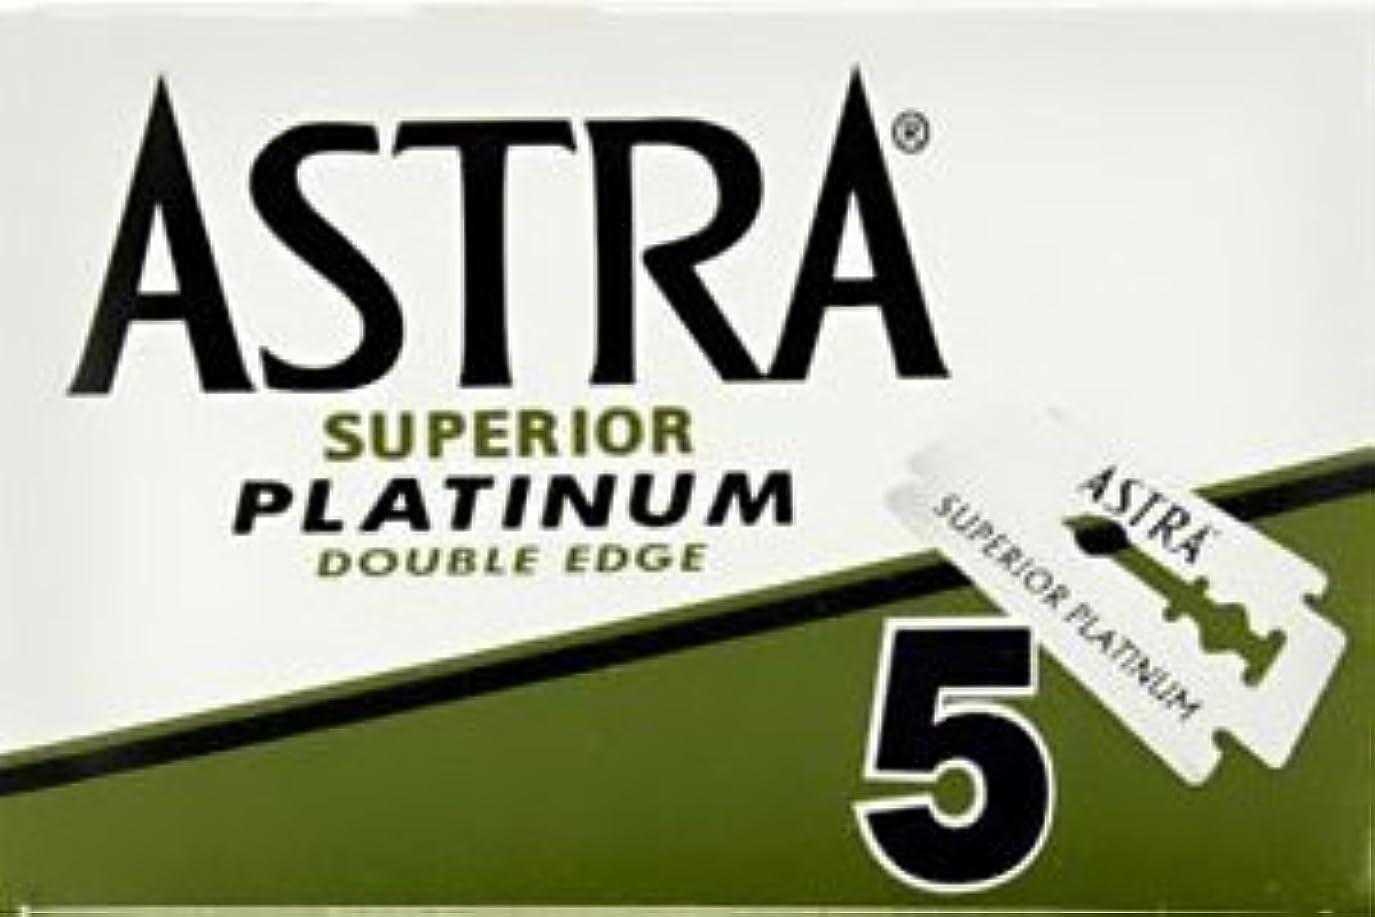 登場権限不実ASTRA Superior Platinum 両刃替刃 5枚入り(5枚入り1 個セット)【並行輸入品】